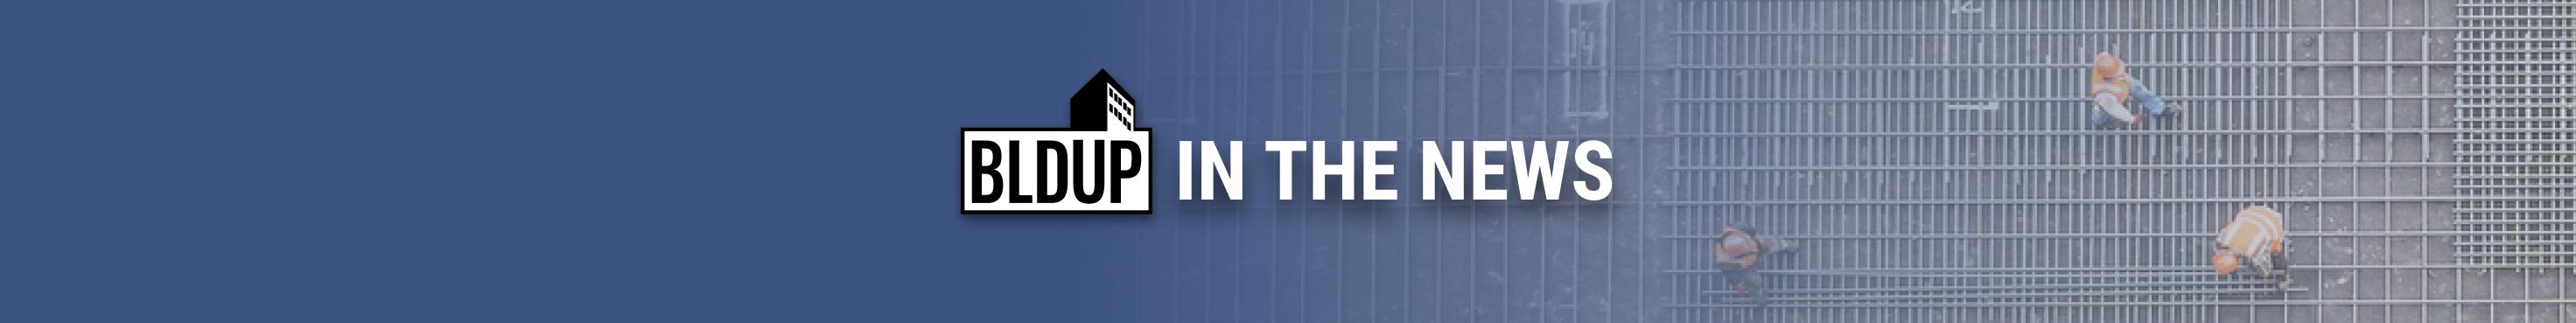 News Header-May-24-2021-08-51-50-52-PM